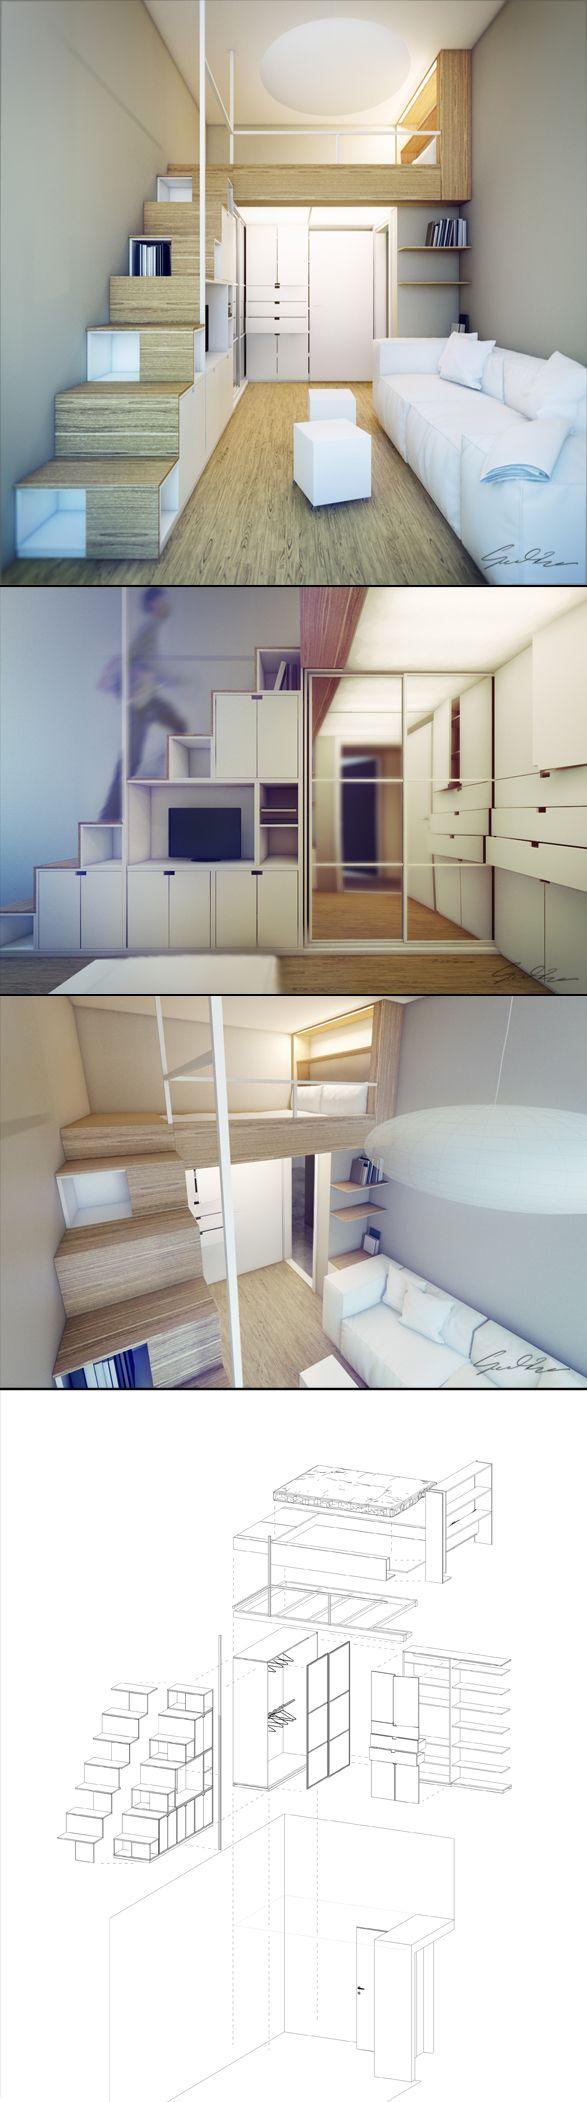 Mezzanine pour chambre côté rue. Rangement sous/dans escalier. Facile d'y…